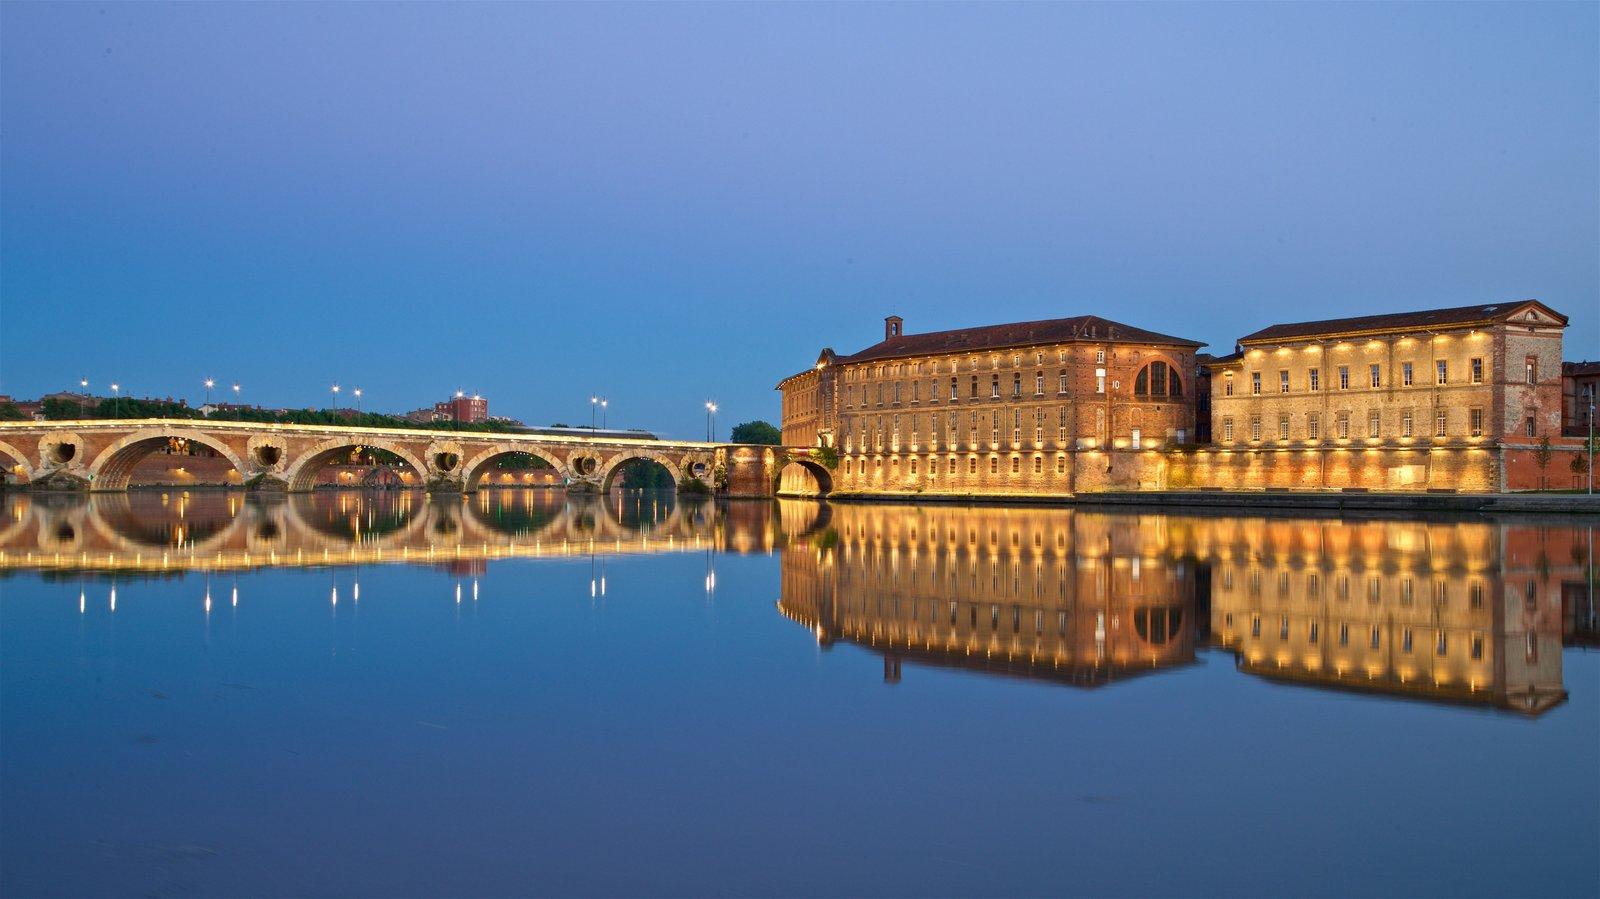 Pont Neuf mostrando um lago ou charco, cenas noturnas e arquitetura de patrimônio